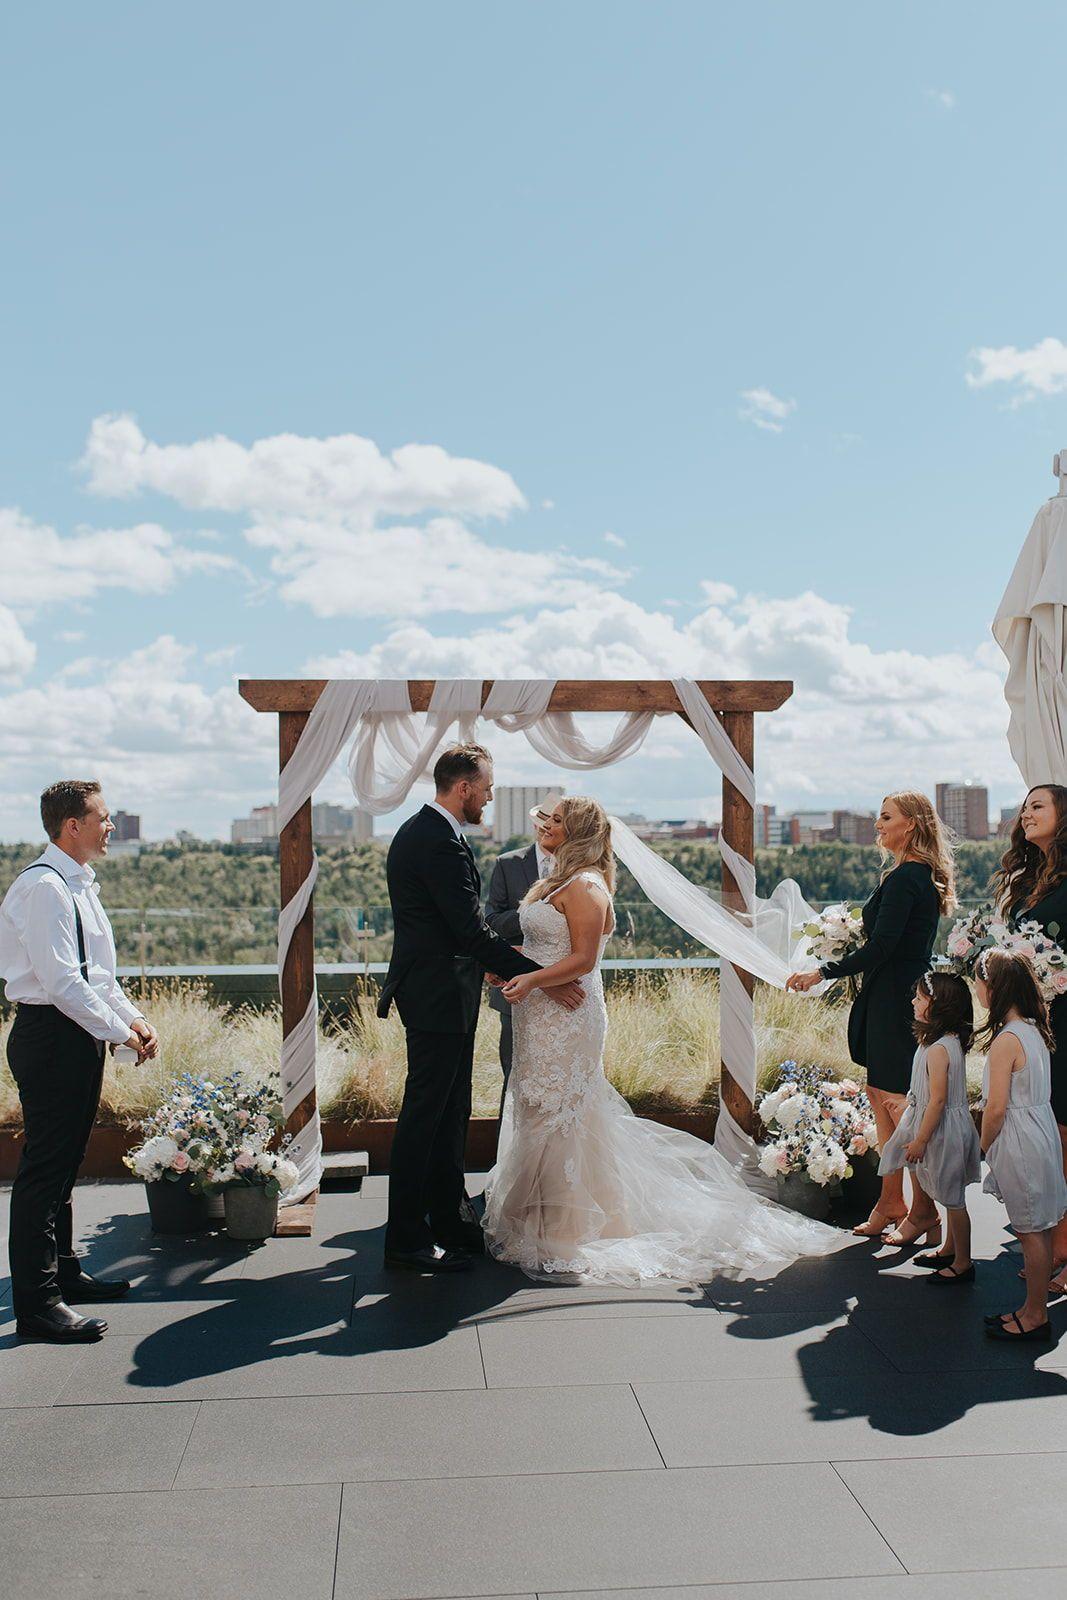 Edmonton Wedding Ceremony Outdoor Ceremony Locations Edmonton Wedding Outdoor Ceremony Outdoor Wedding Ceremony